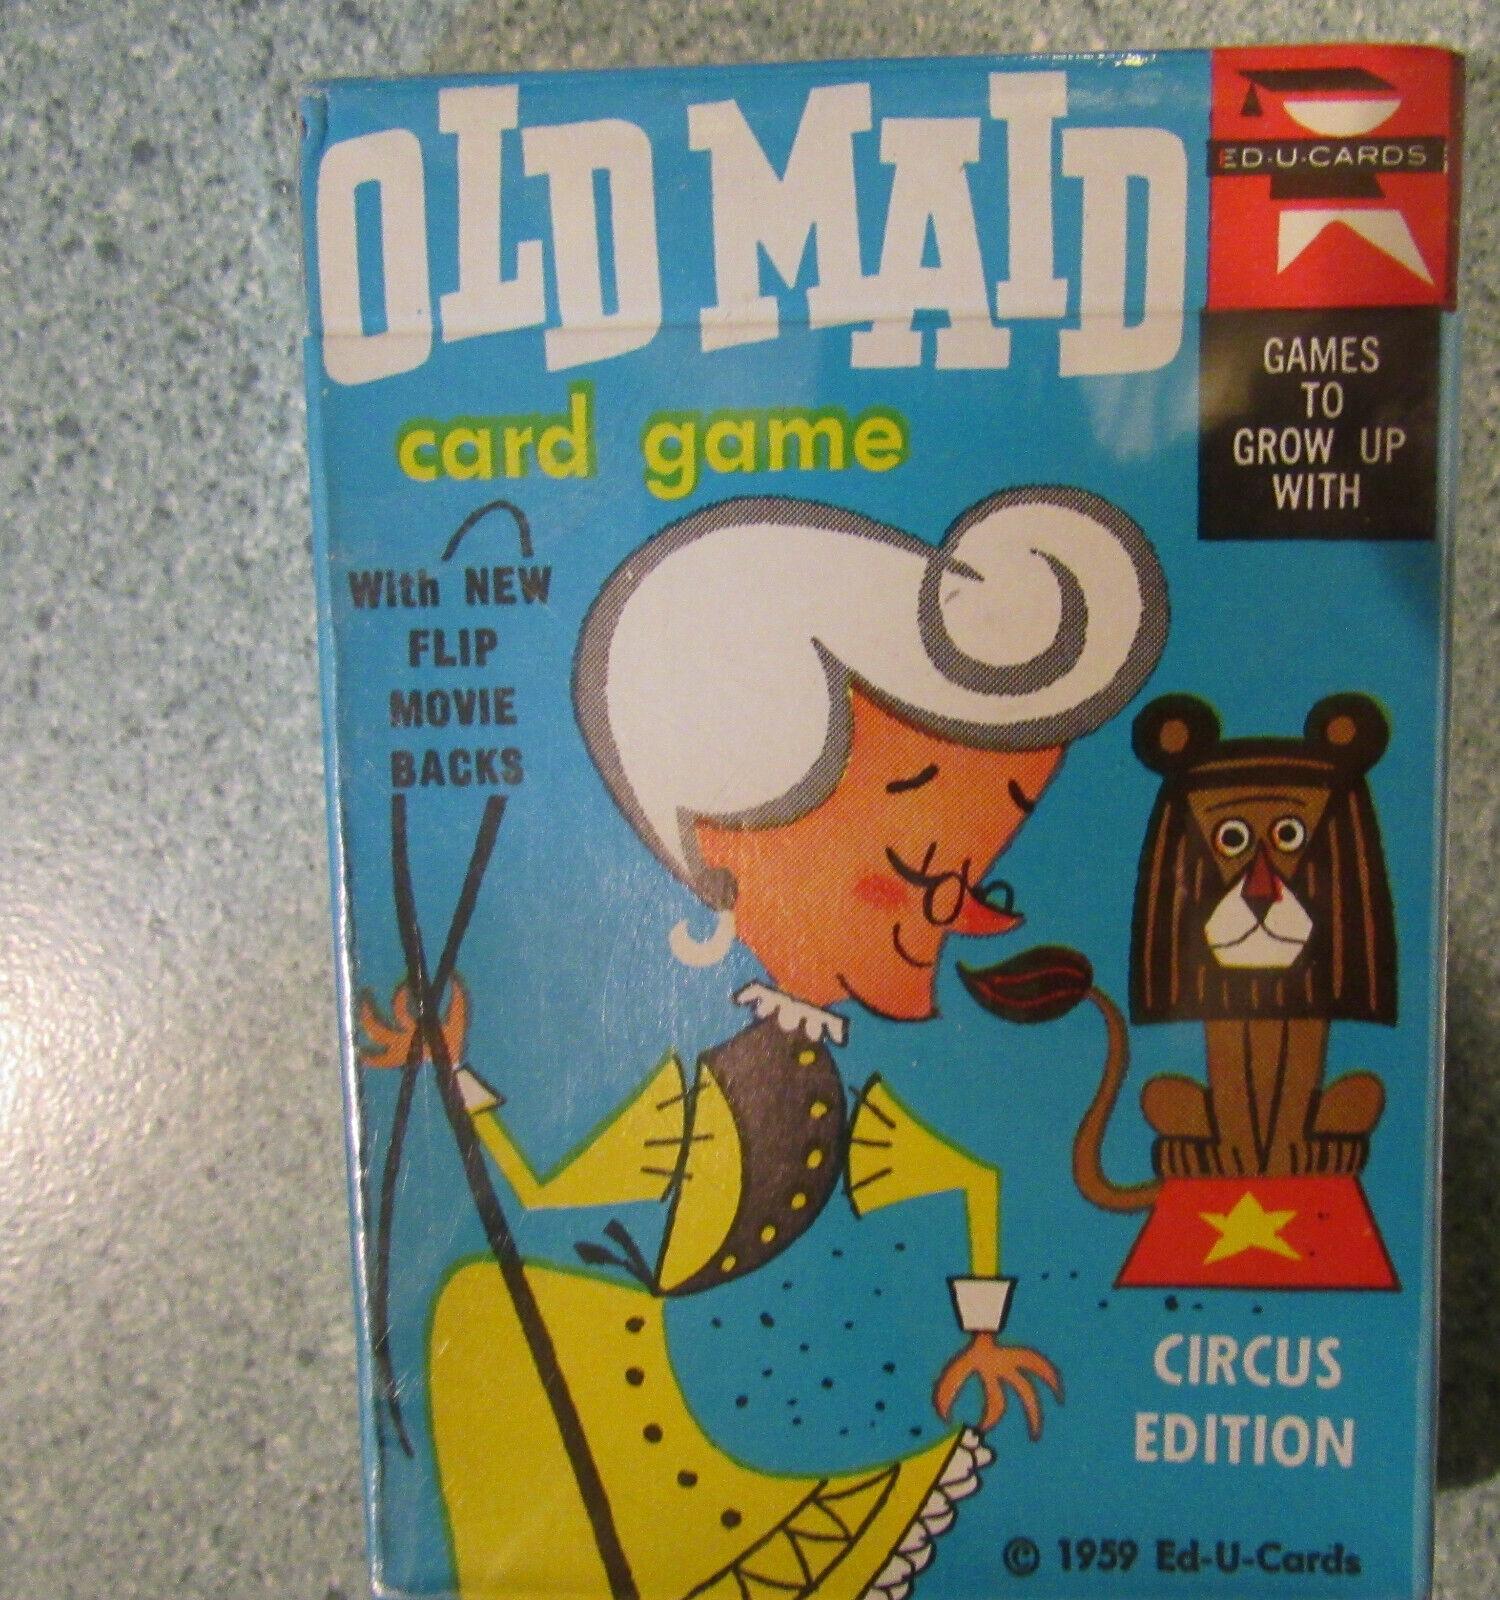 calidad de primera clase Juguete Vintage Ed u tarjetas tarjetas tarjetas 1959 solterona Juego de Cochetas Edición Circo Plástico Original  mejor calidad mejor precio